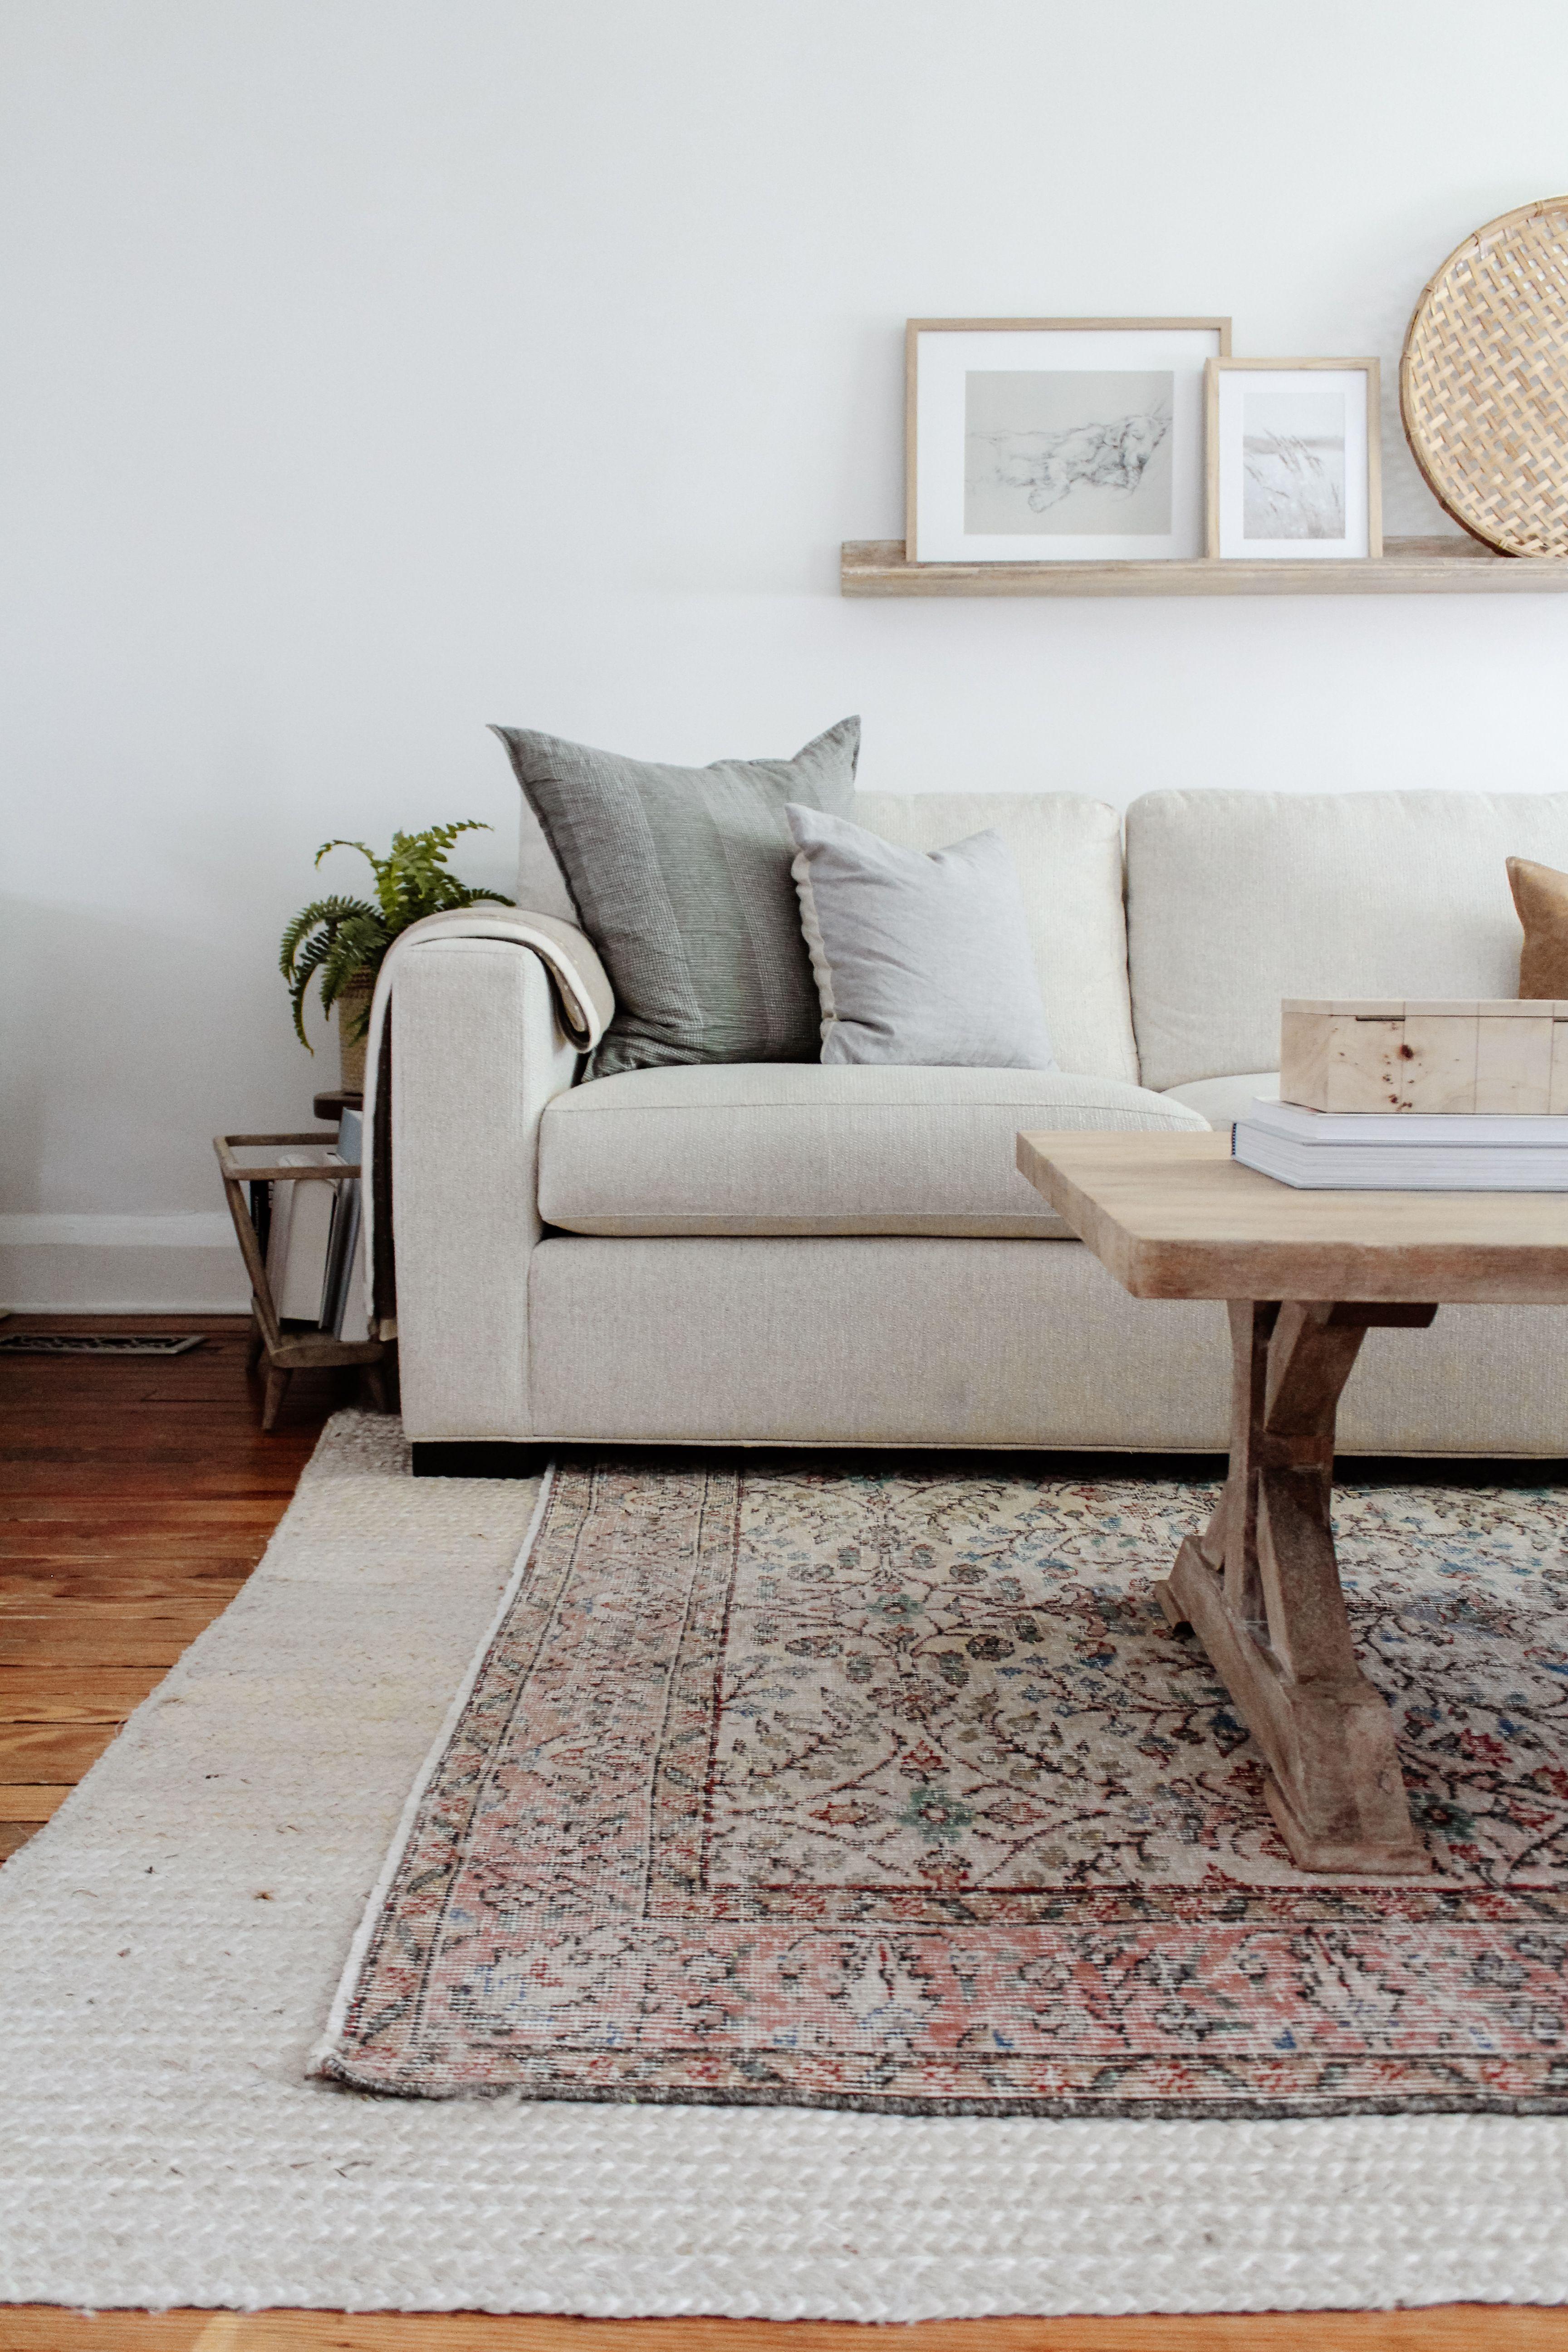 Neutral Soft Pastel Earthy Tones Living Room Inspiration In 2021 Living Room Inspiration Living Room Decor Living Room [ 5184 x 3456 Pixel ]